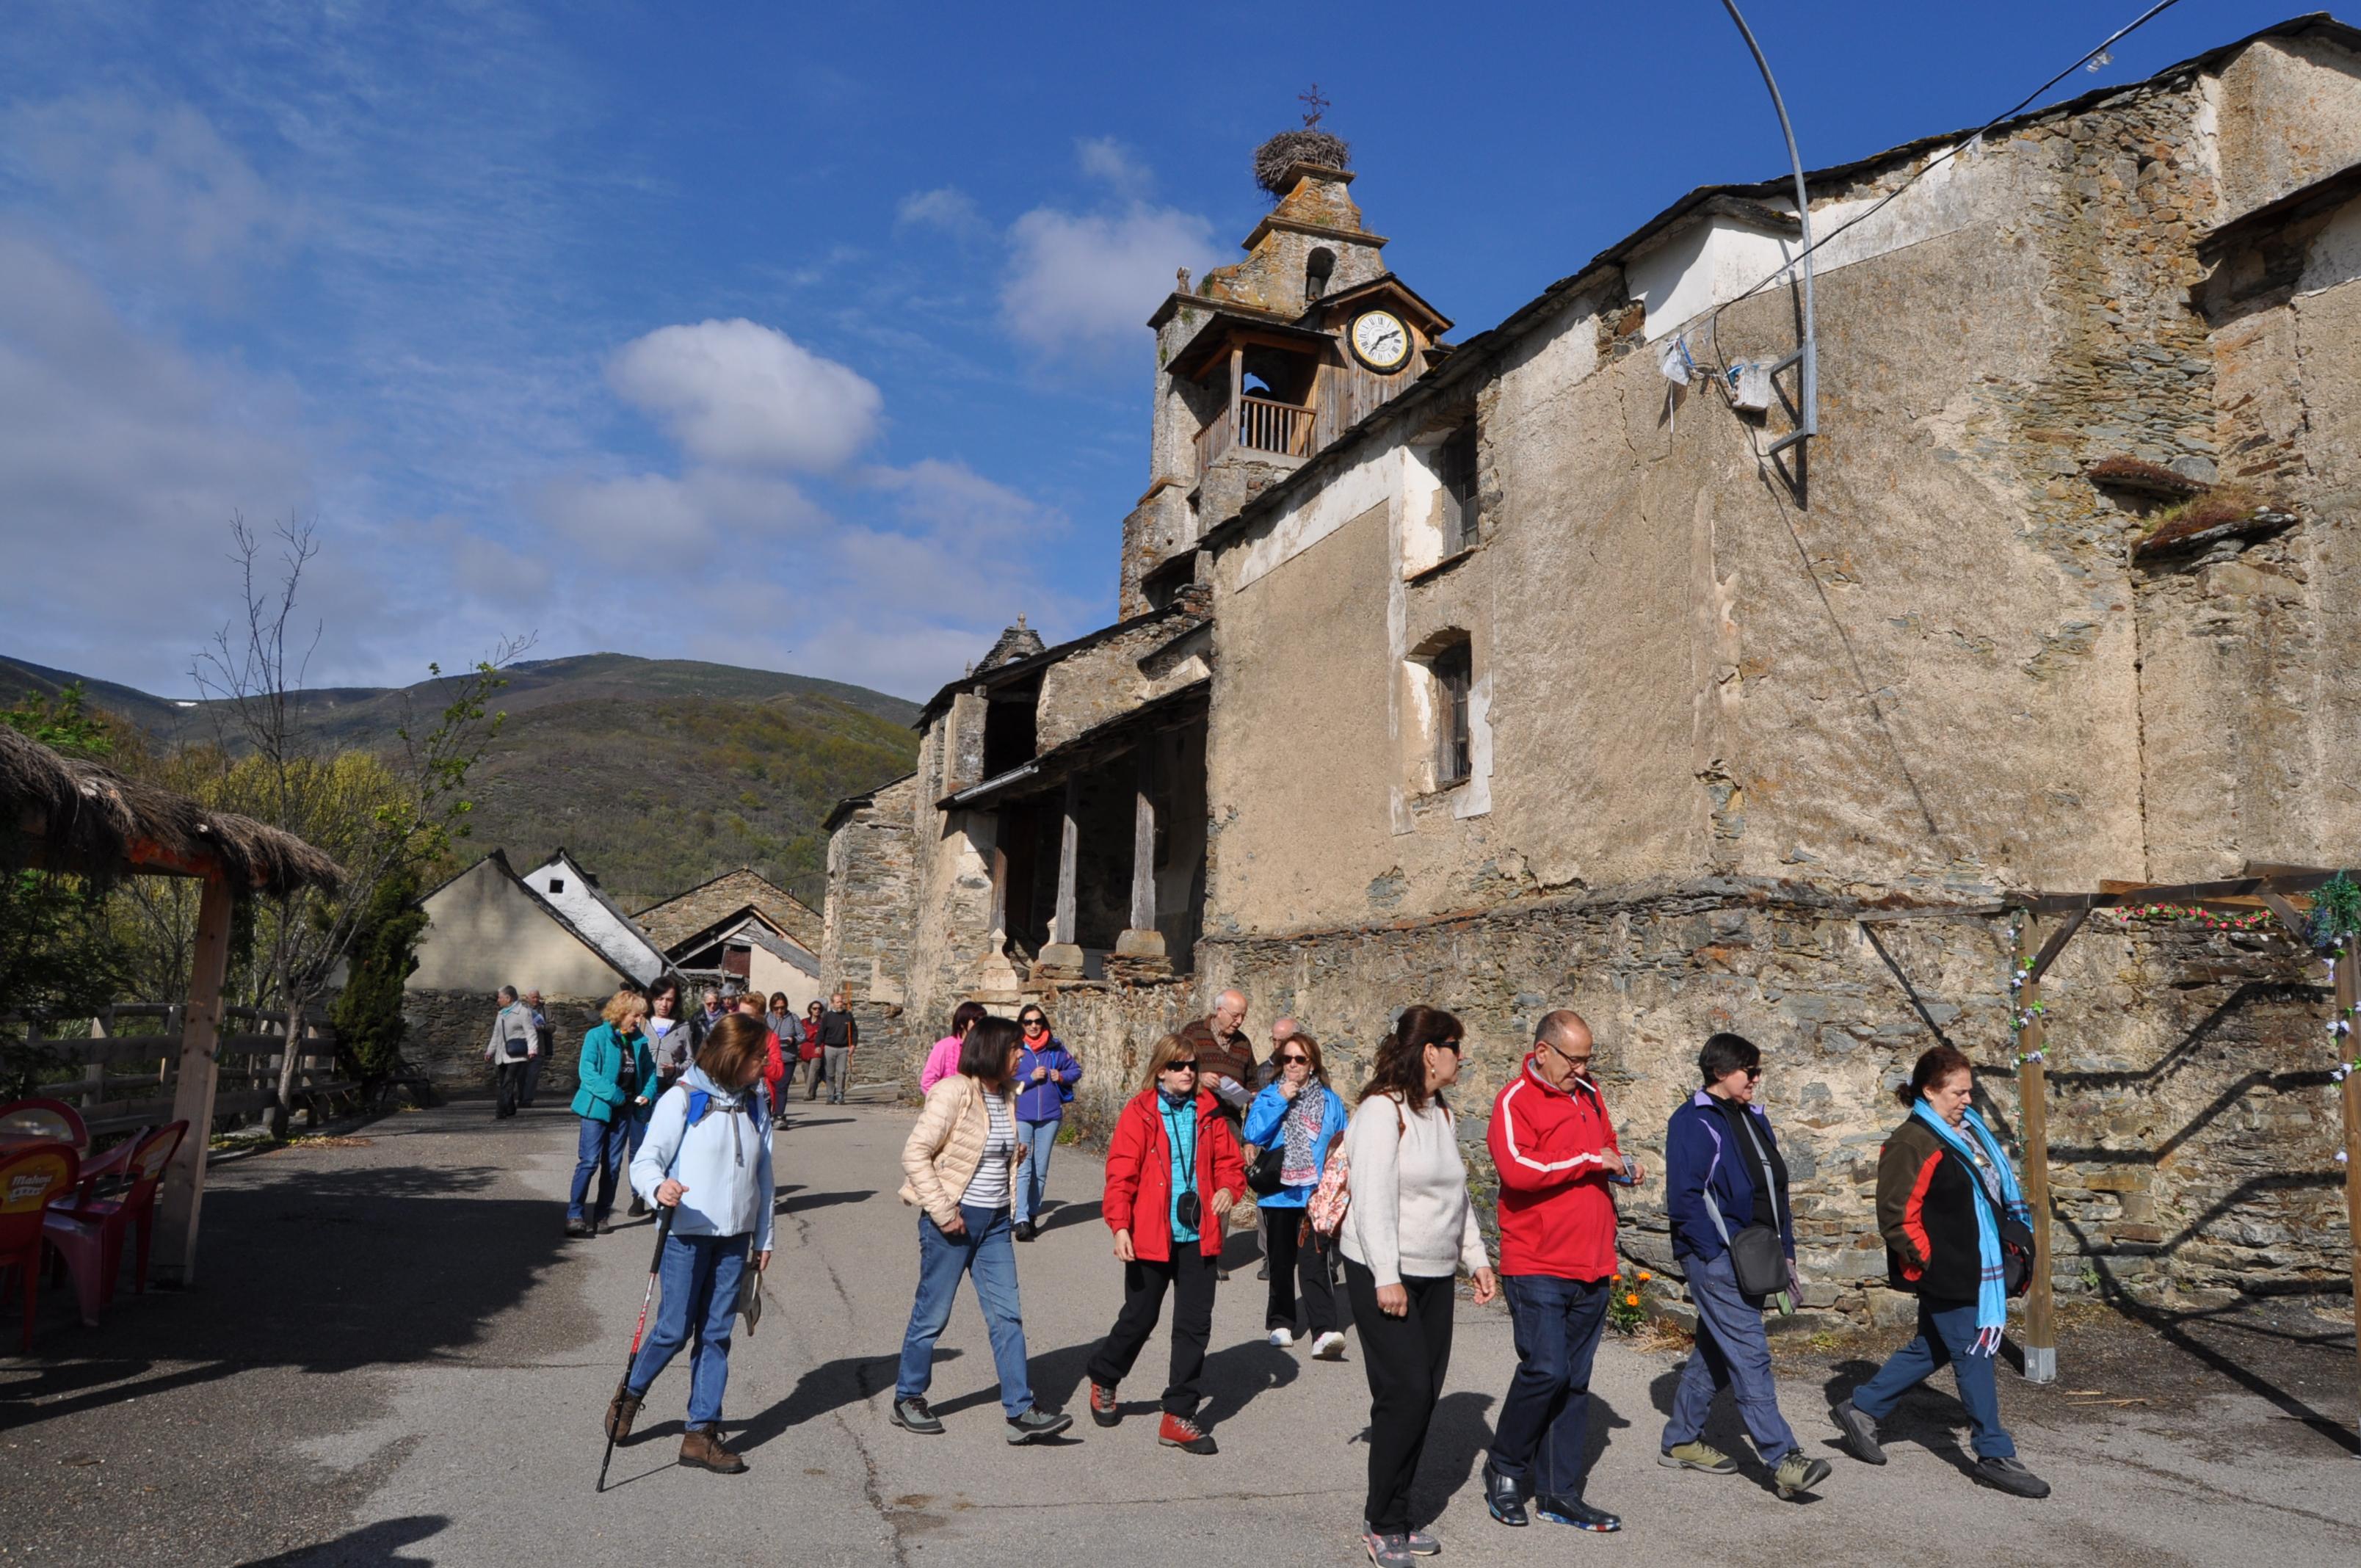 Visitando la monumental iglesia de Barrio de la Puente.